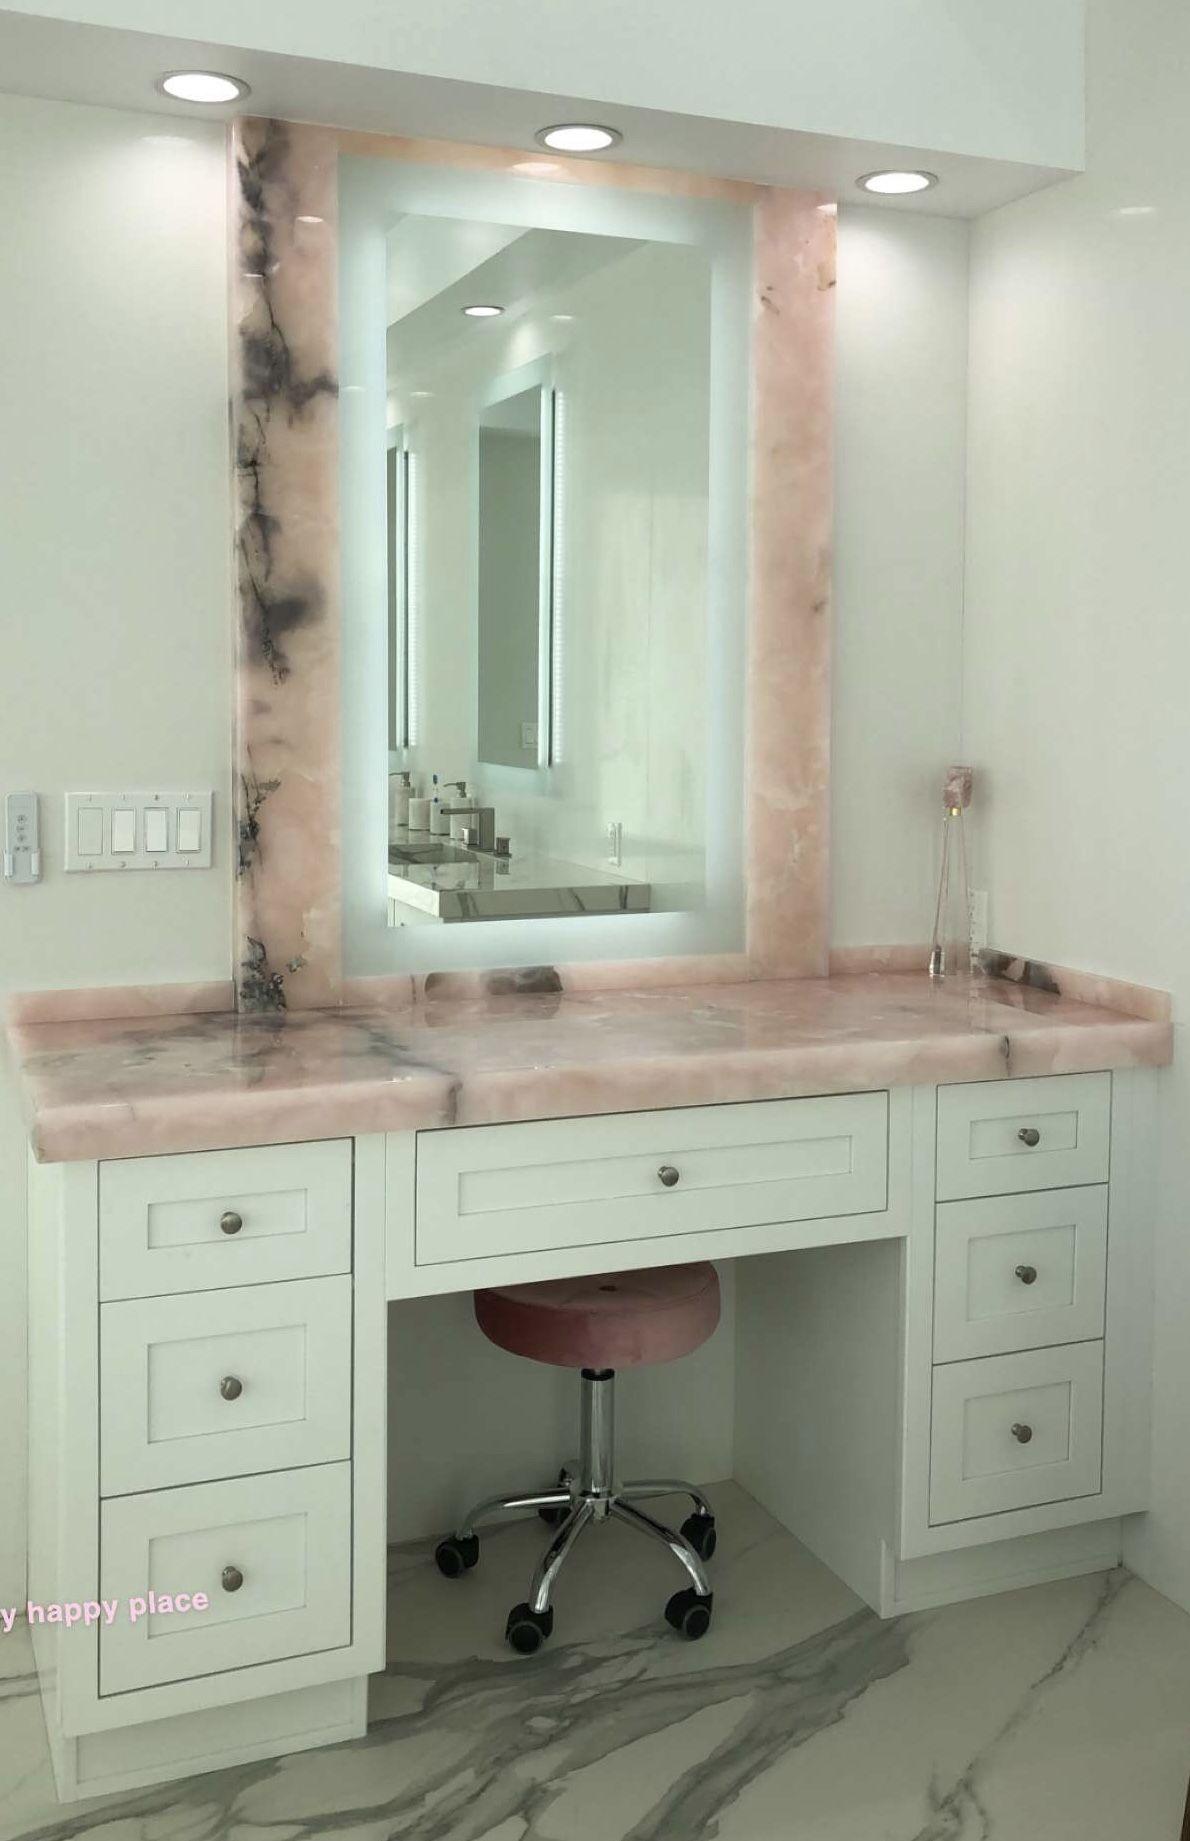 Pin By Ash On House Ideas Bathroom Decor Luxury Home Room Design Bathroom Decor